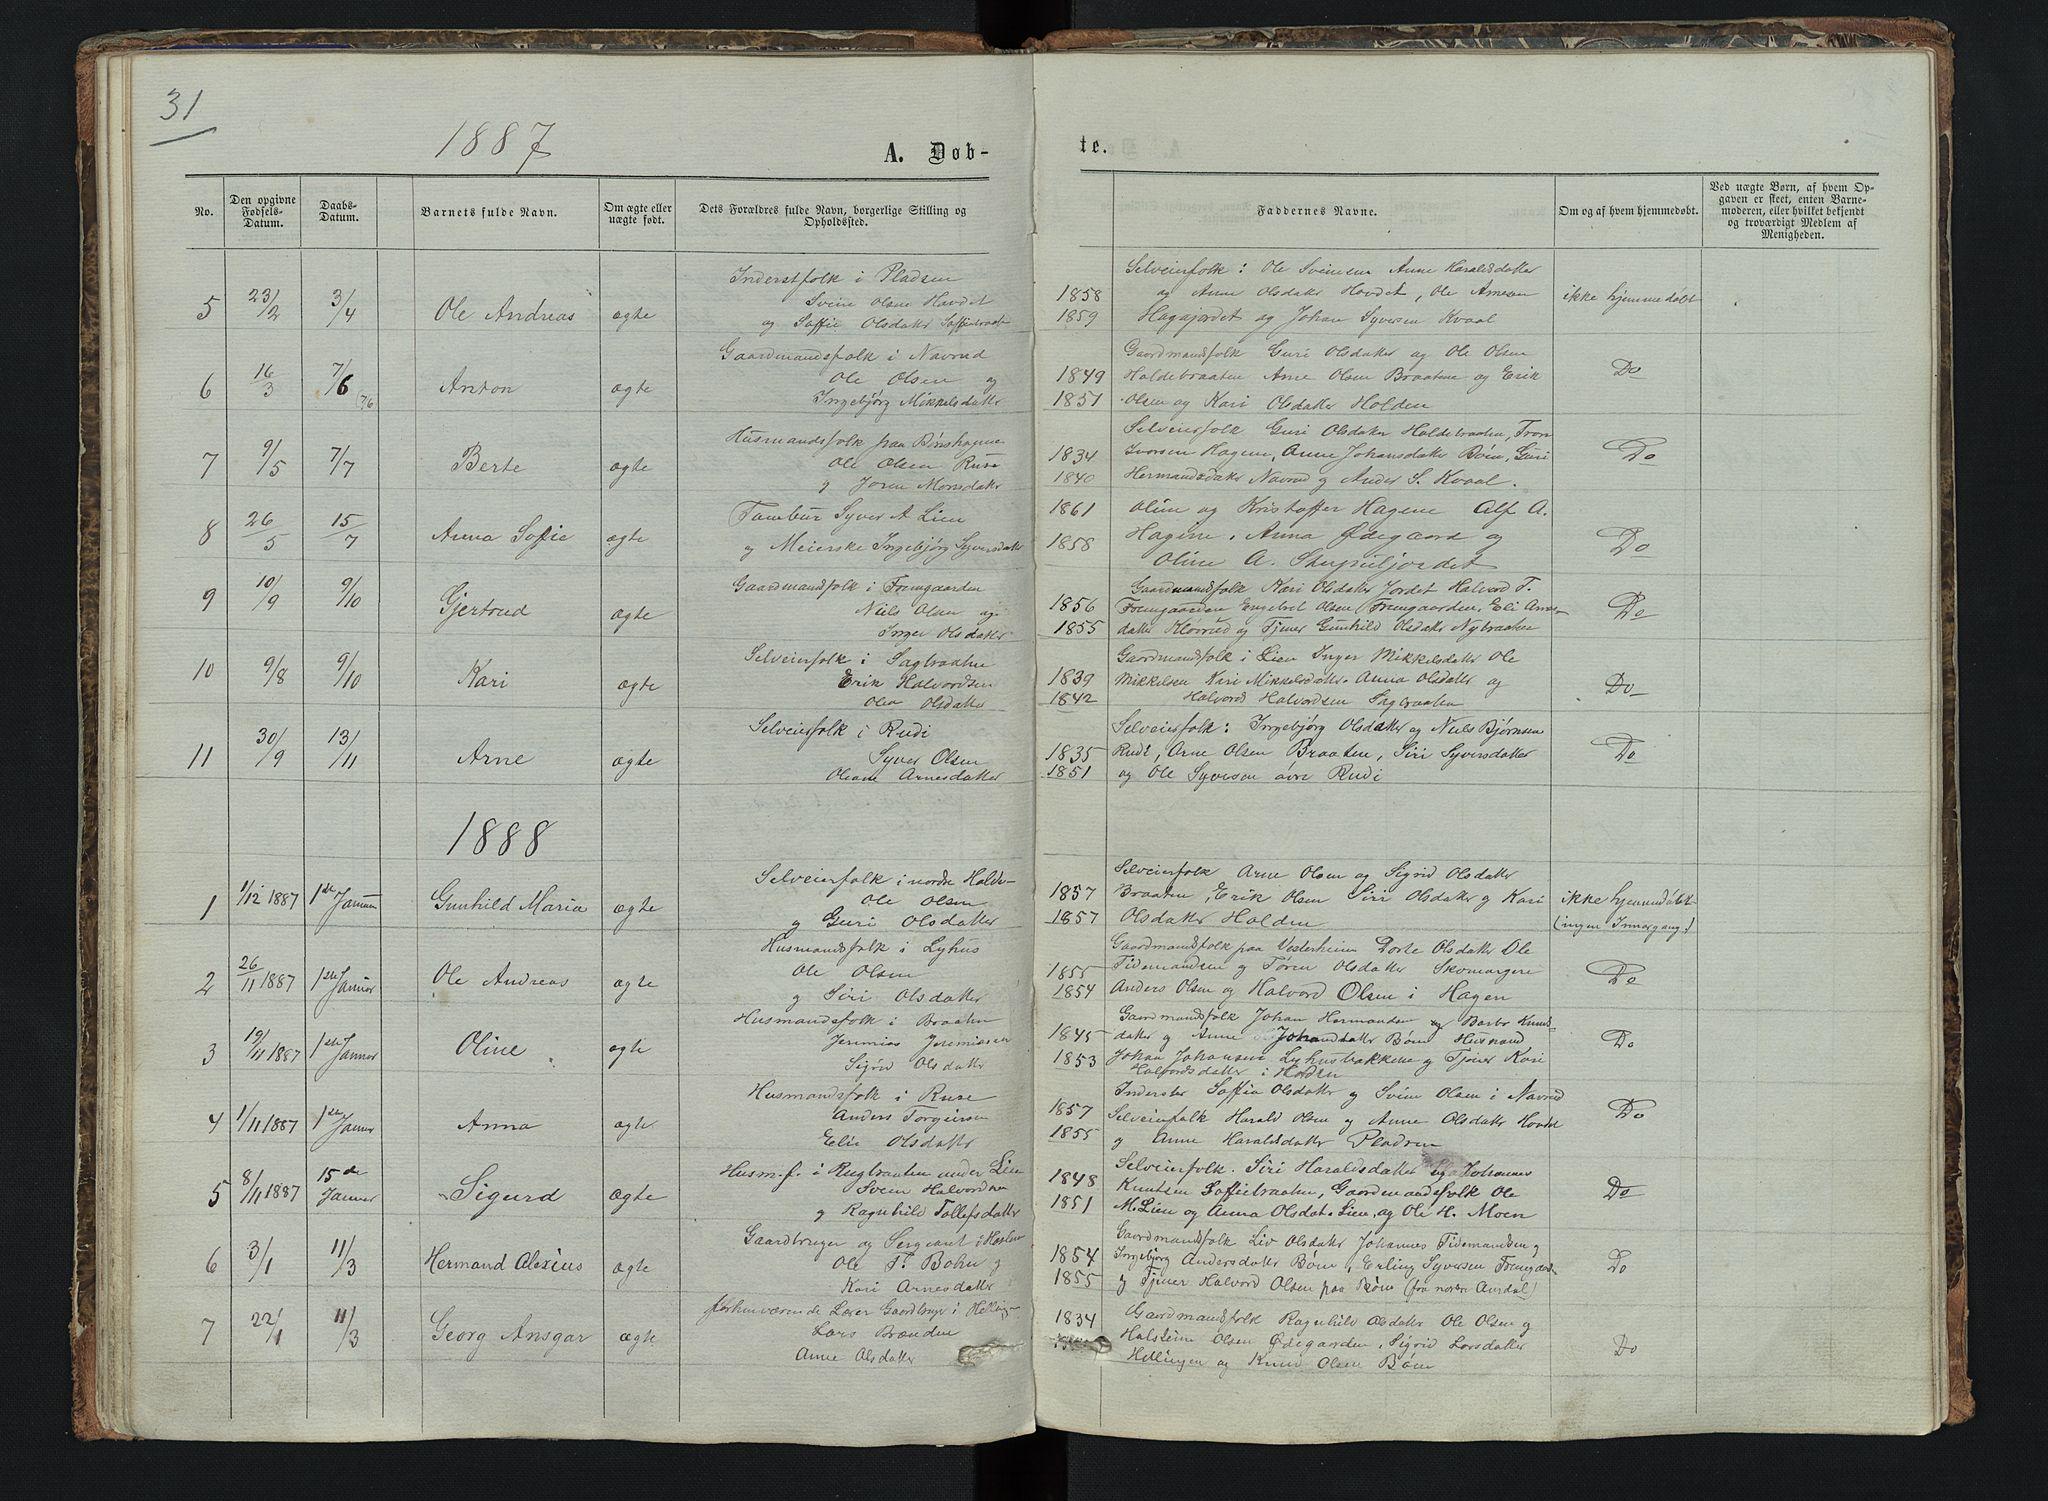 SAH, Sør-Aurdal prestekontor, Klokkerbok nr. 6, 1866-1893, s. 31